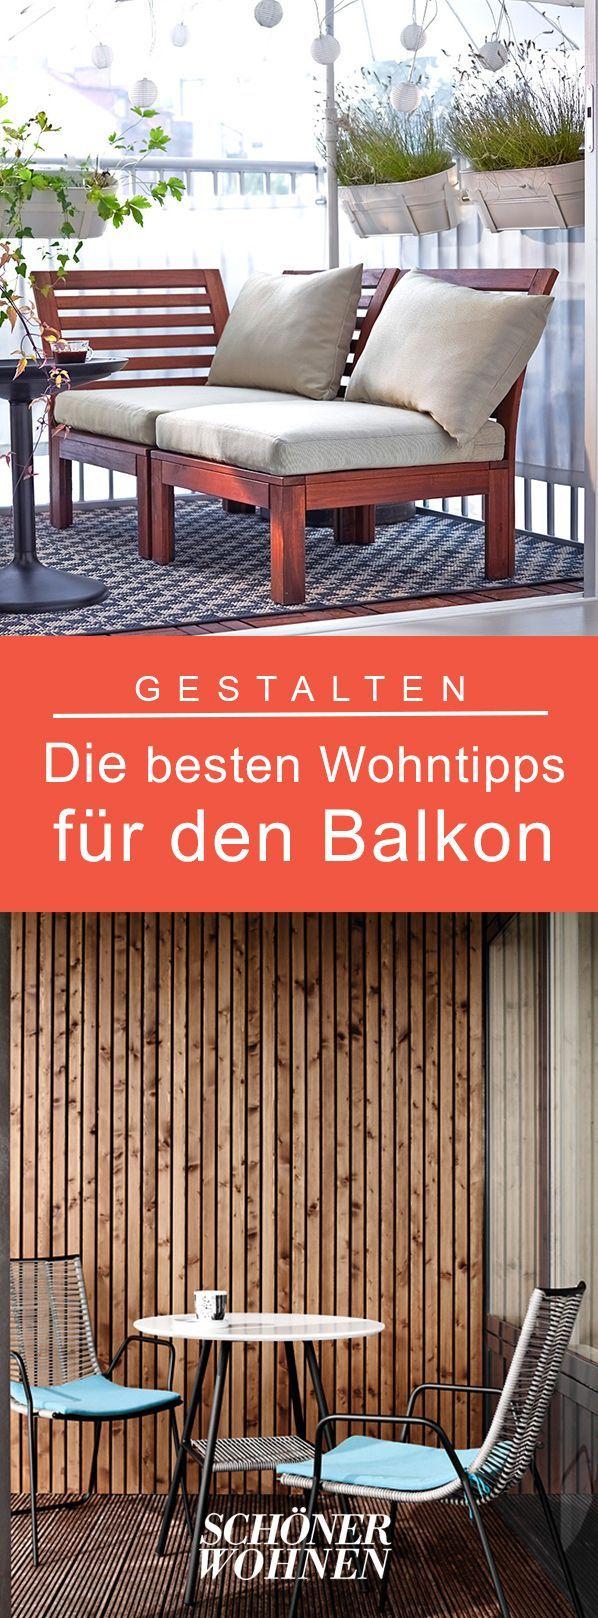 Die besten Wohntipps für den Balkon   Kleinen balkon gestalten ...